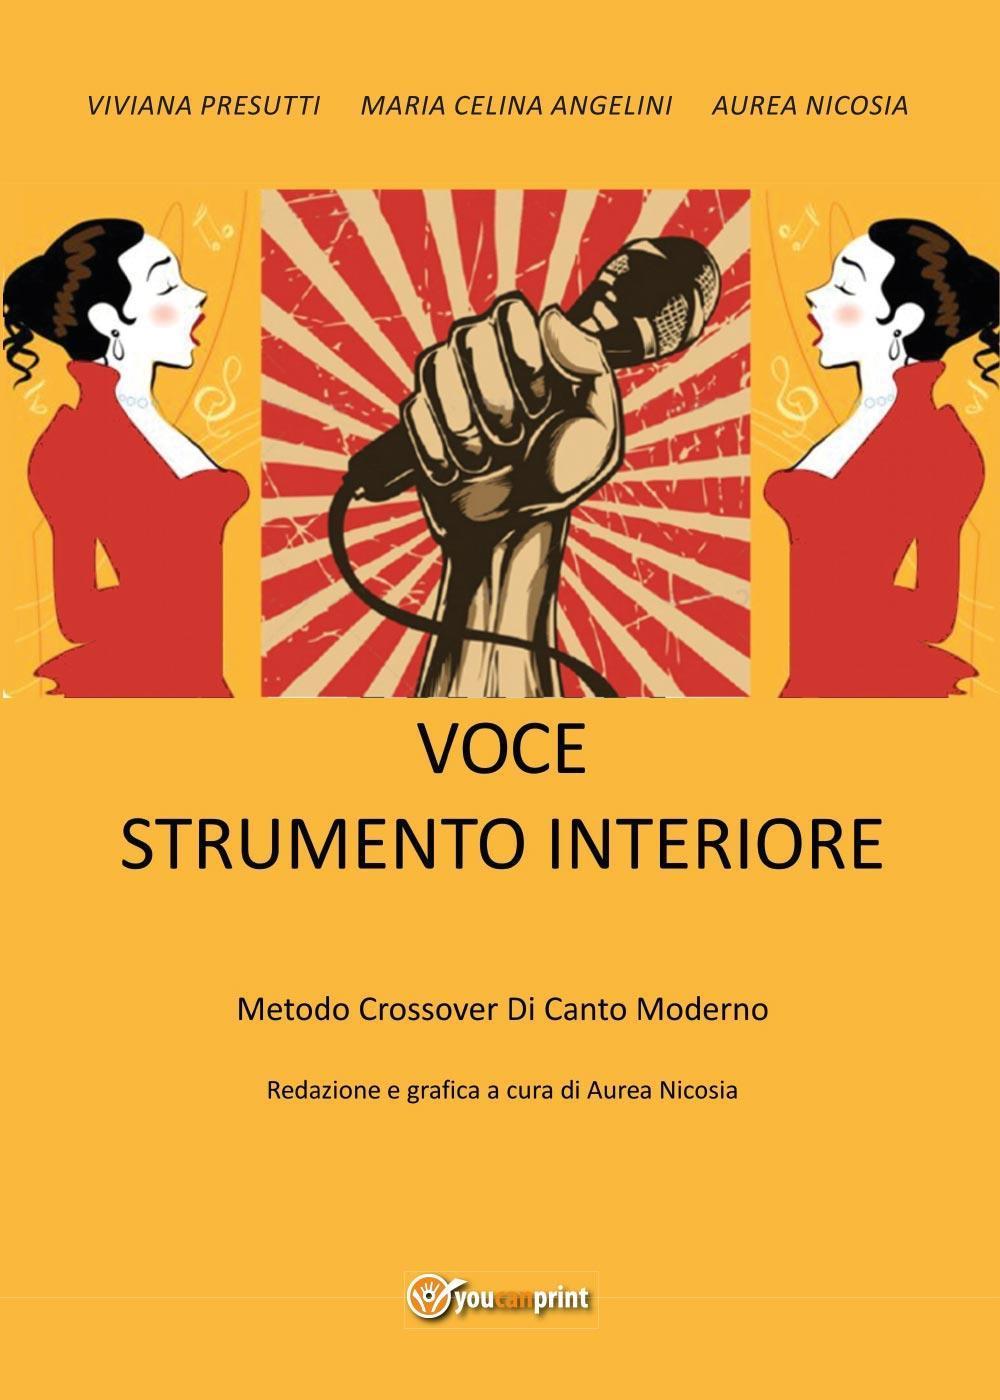 Voce strumento interiore, metodo crossover di canto moderno